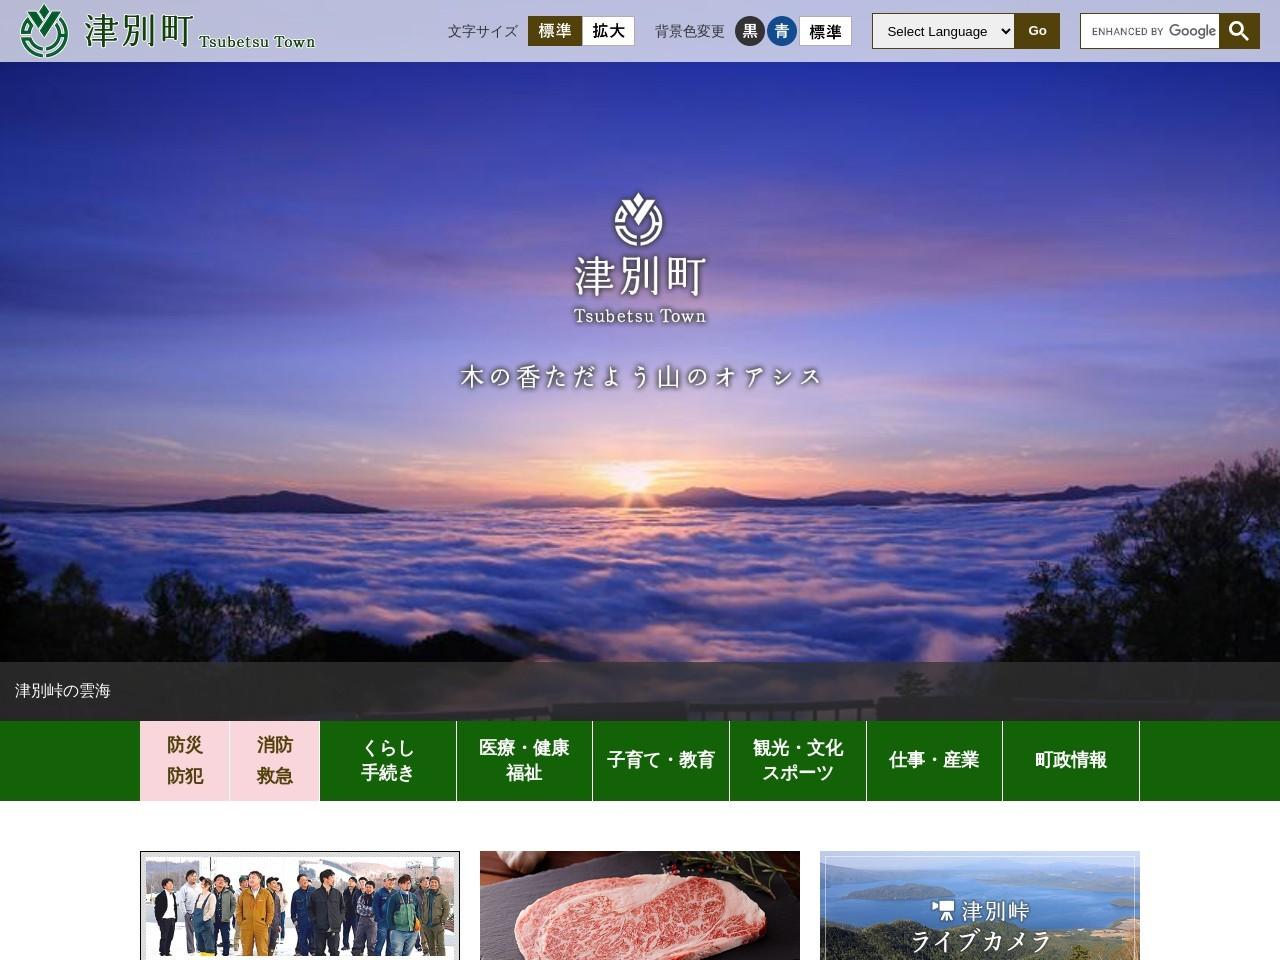 http://www.town.tsubetsu.hokkaido.jp/03shisetsu/40undou/2007-1115-0830-11.html